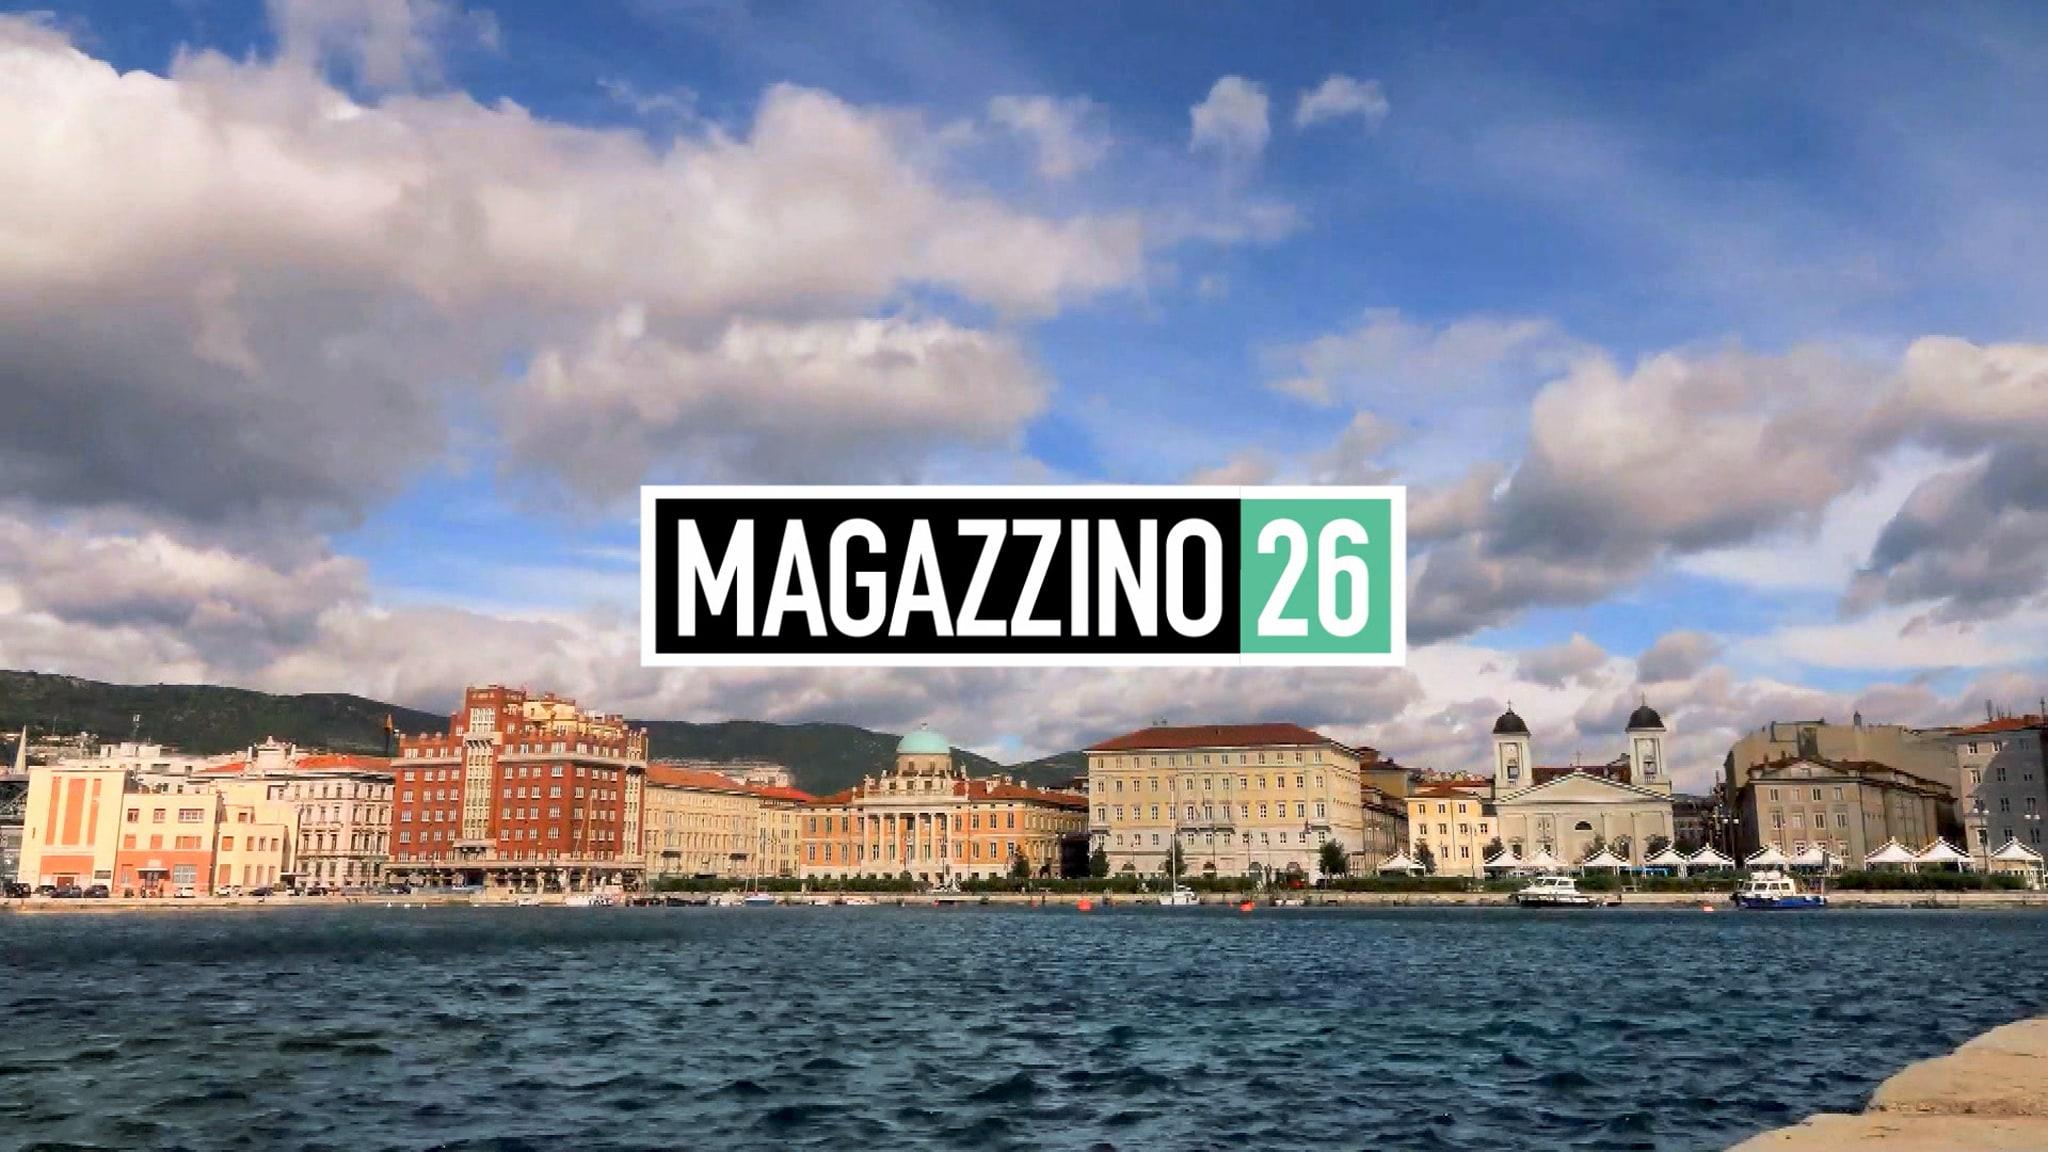 Rai Scuola Memex Magazzino 26 - ep. 02 Replica